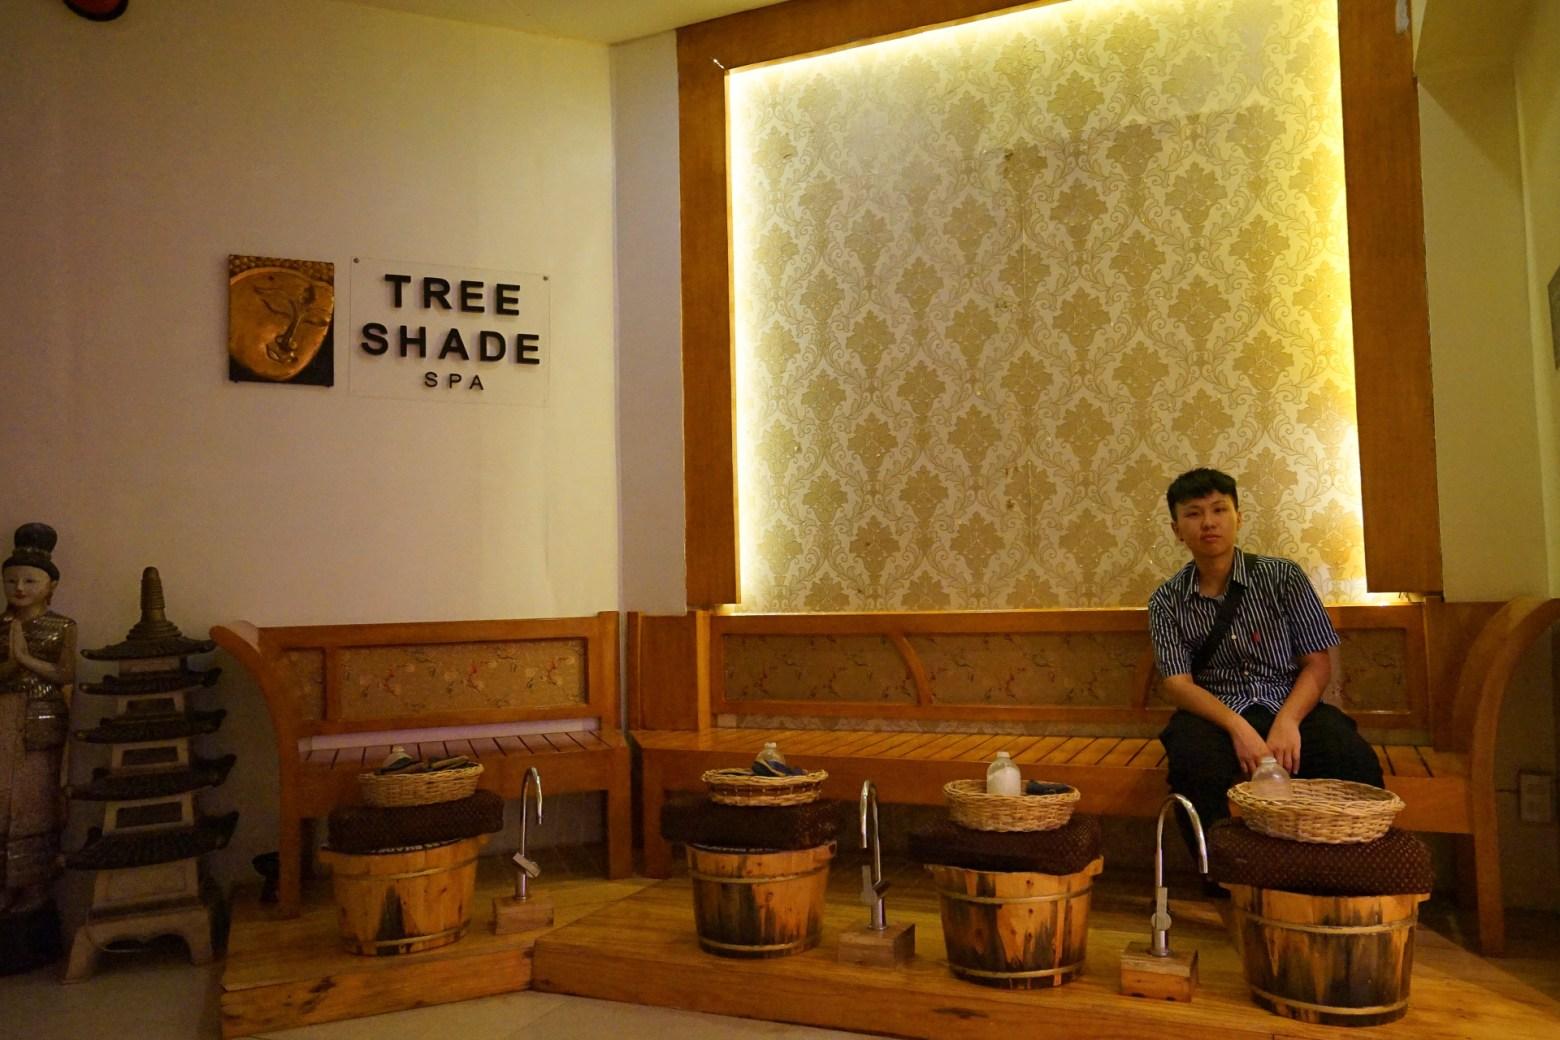 Tree Shade Spa 按摩心得